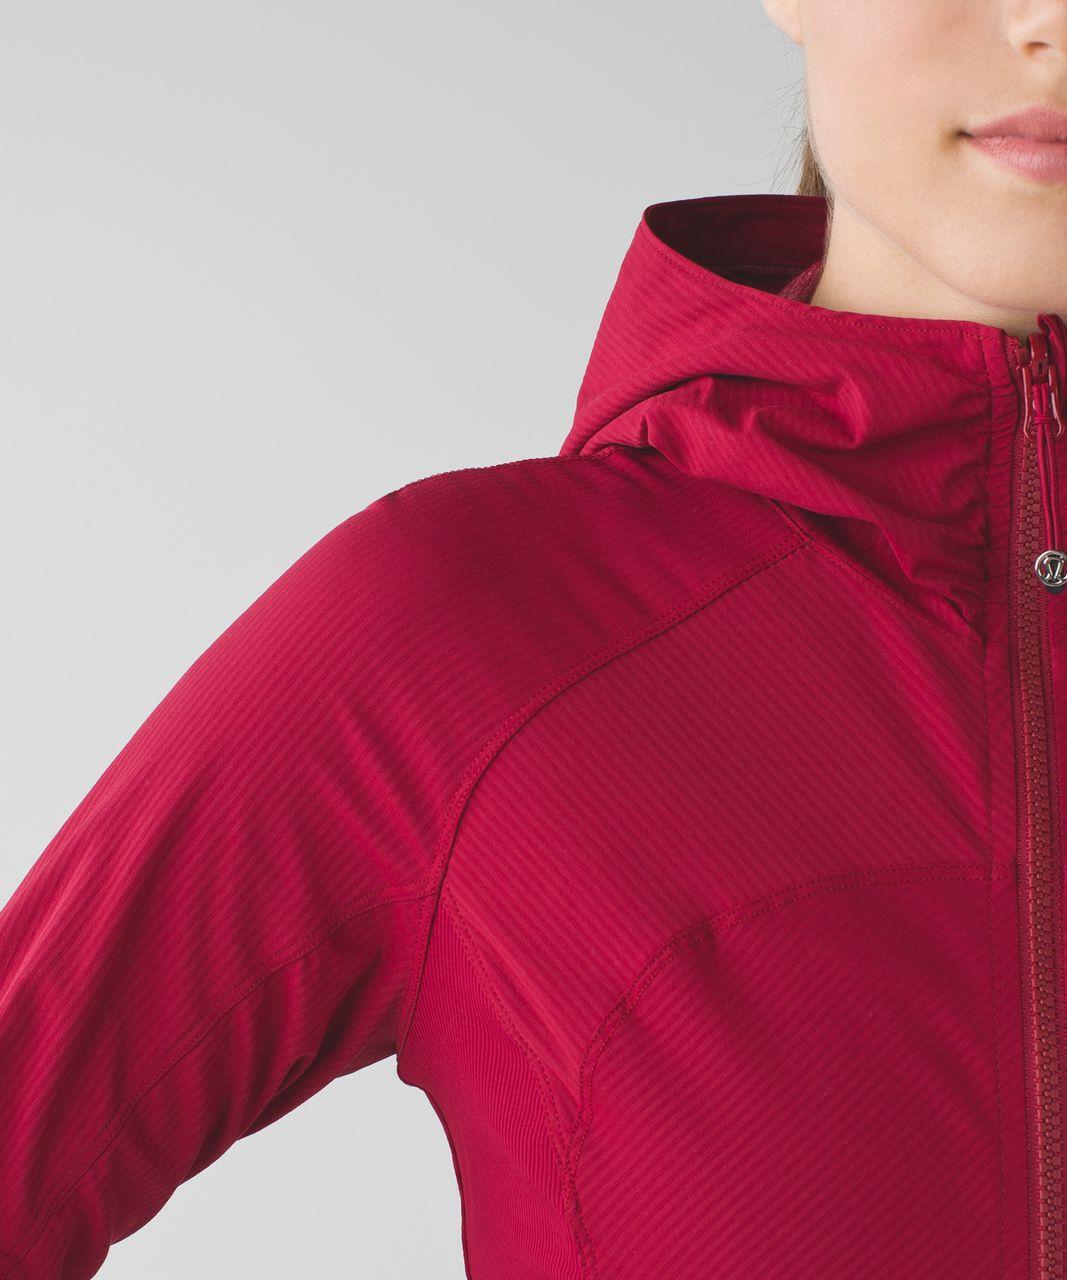 Lululemon In Flux Jacket - Cranberry